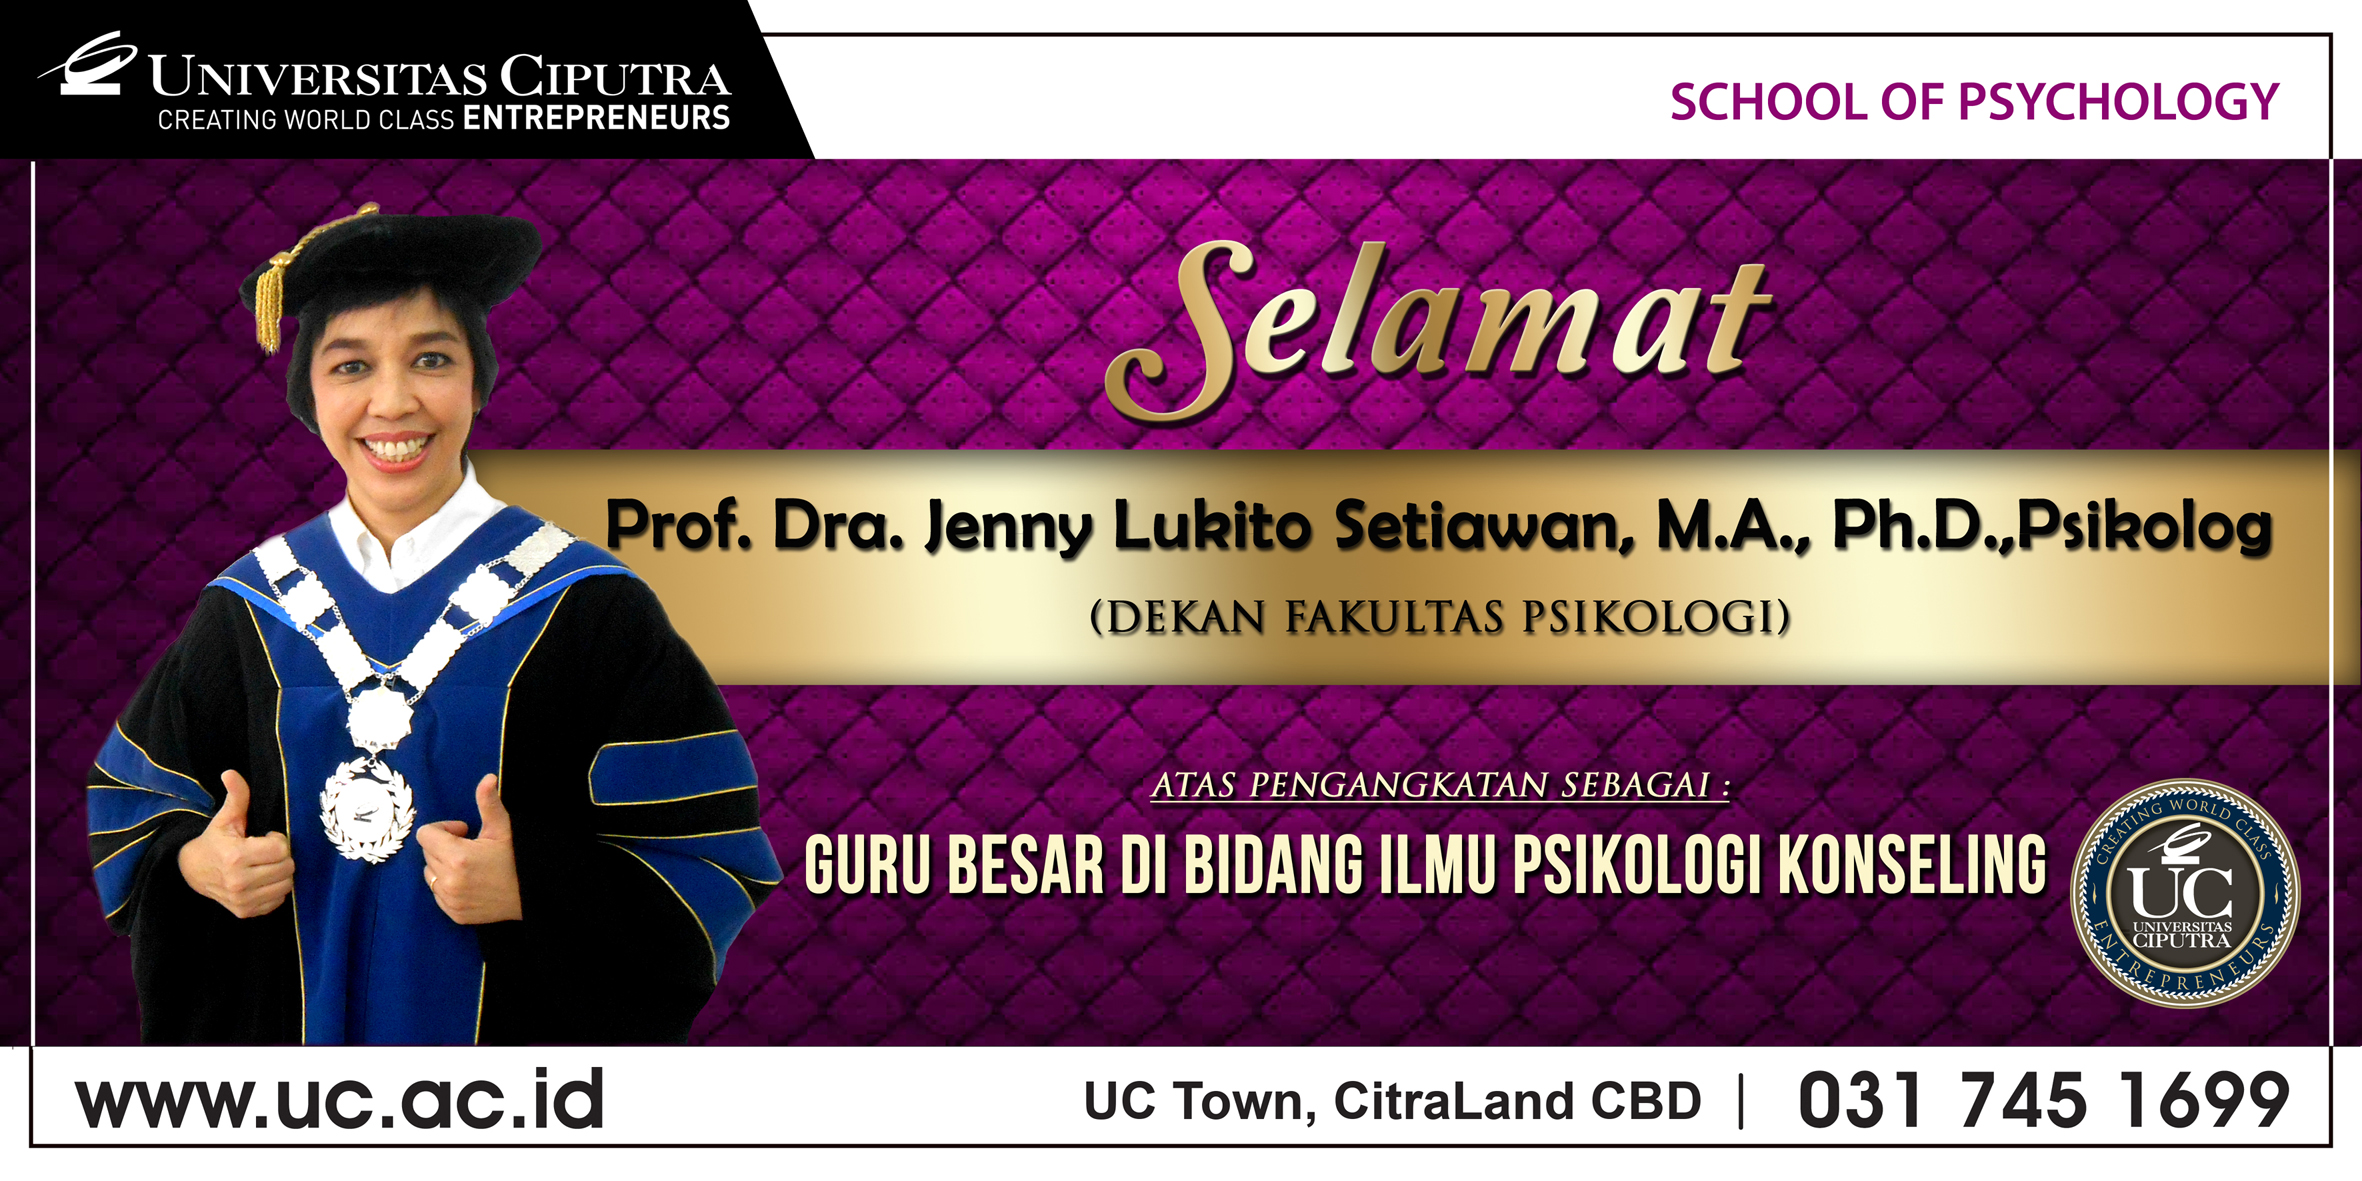 Pengukuhan Guru Besar Prof. Jenny Lukito Setiawan